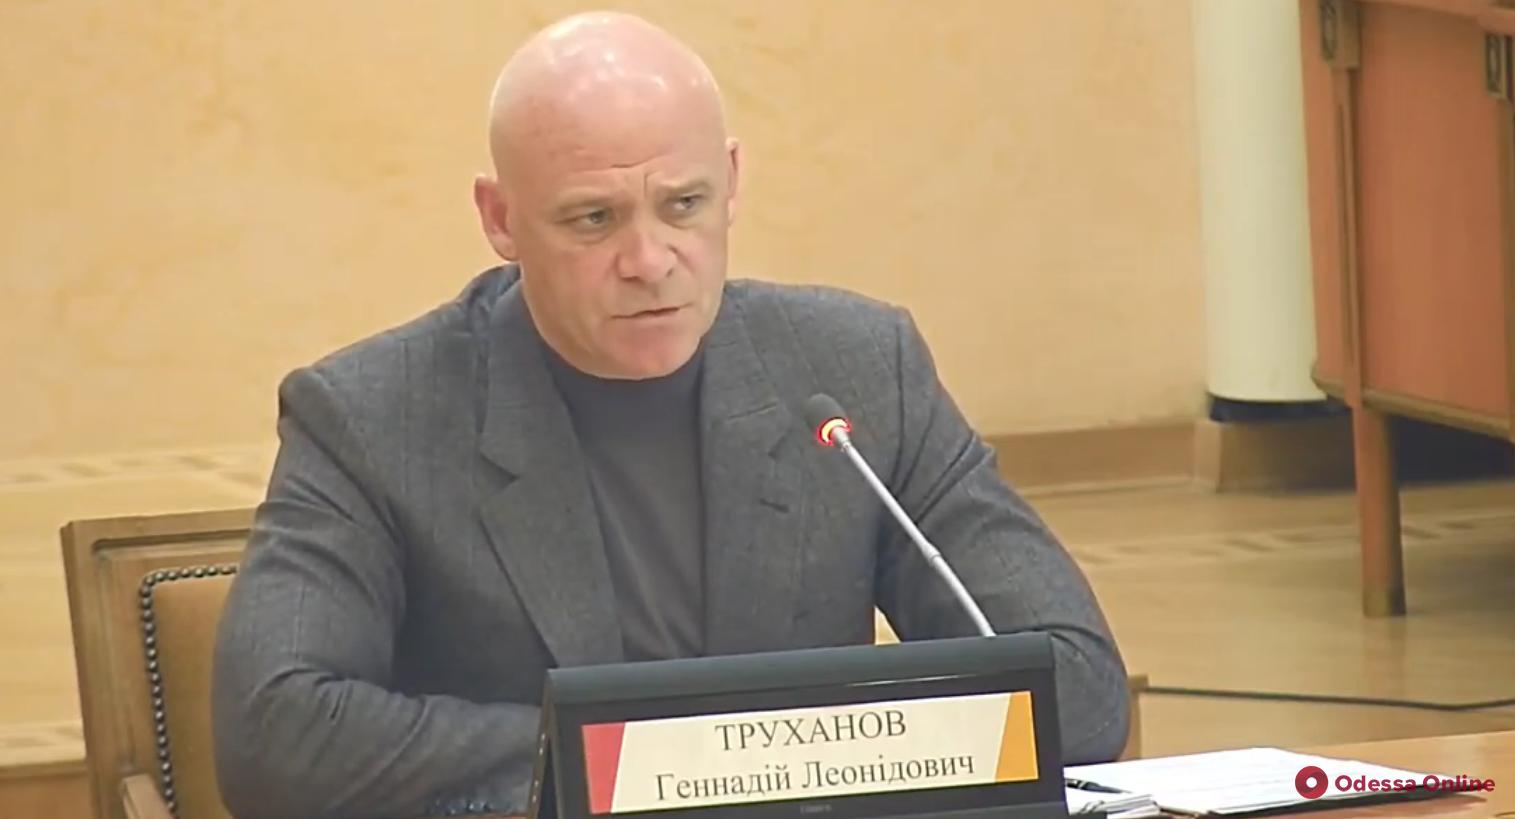 Выплата пособий для пенсионеров, у которых пенсия ниже двух тысяч гривен, продолжится, — Геннадий Труханов